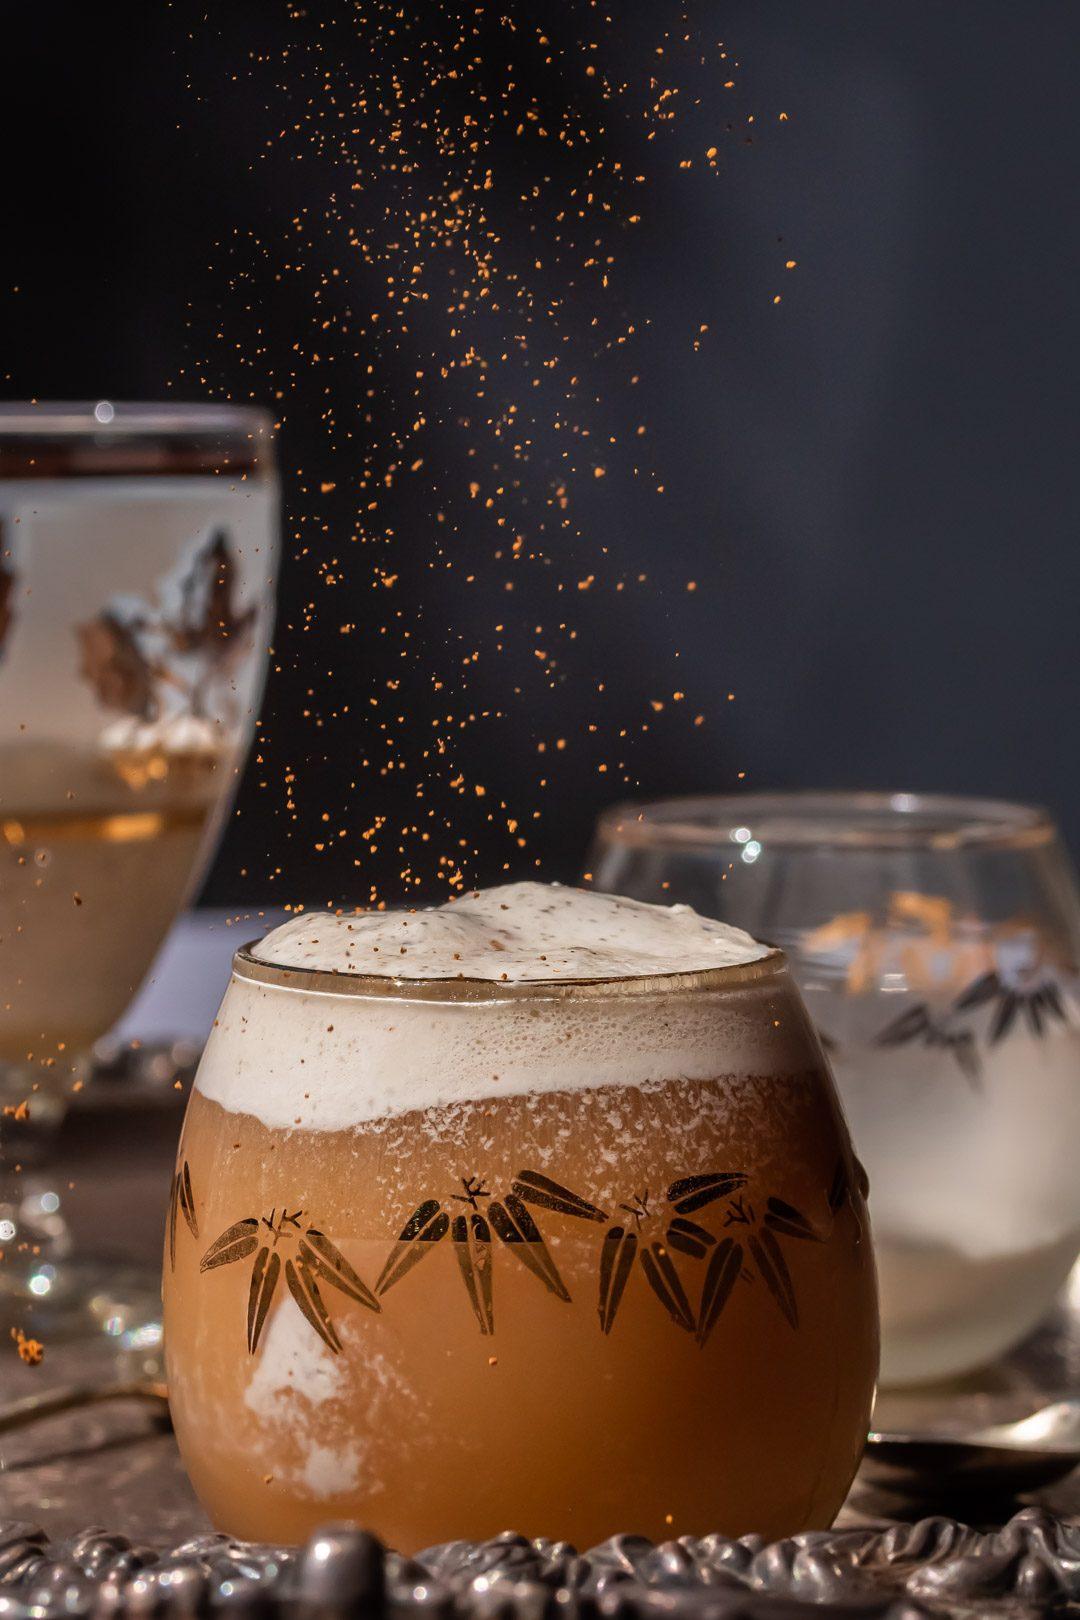 sprinkling cinnamon on lemon myrtle ginger beer spiders